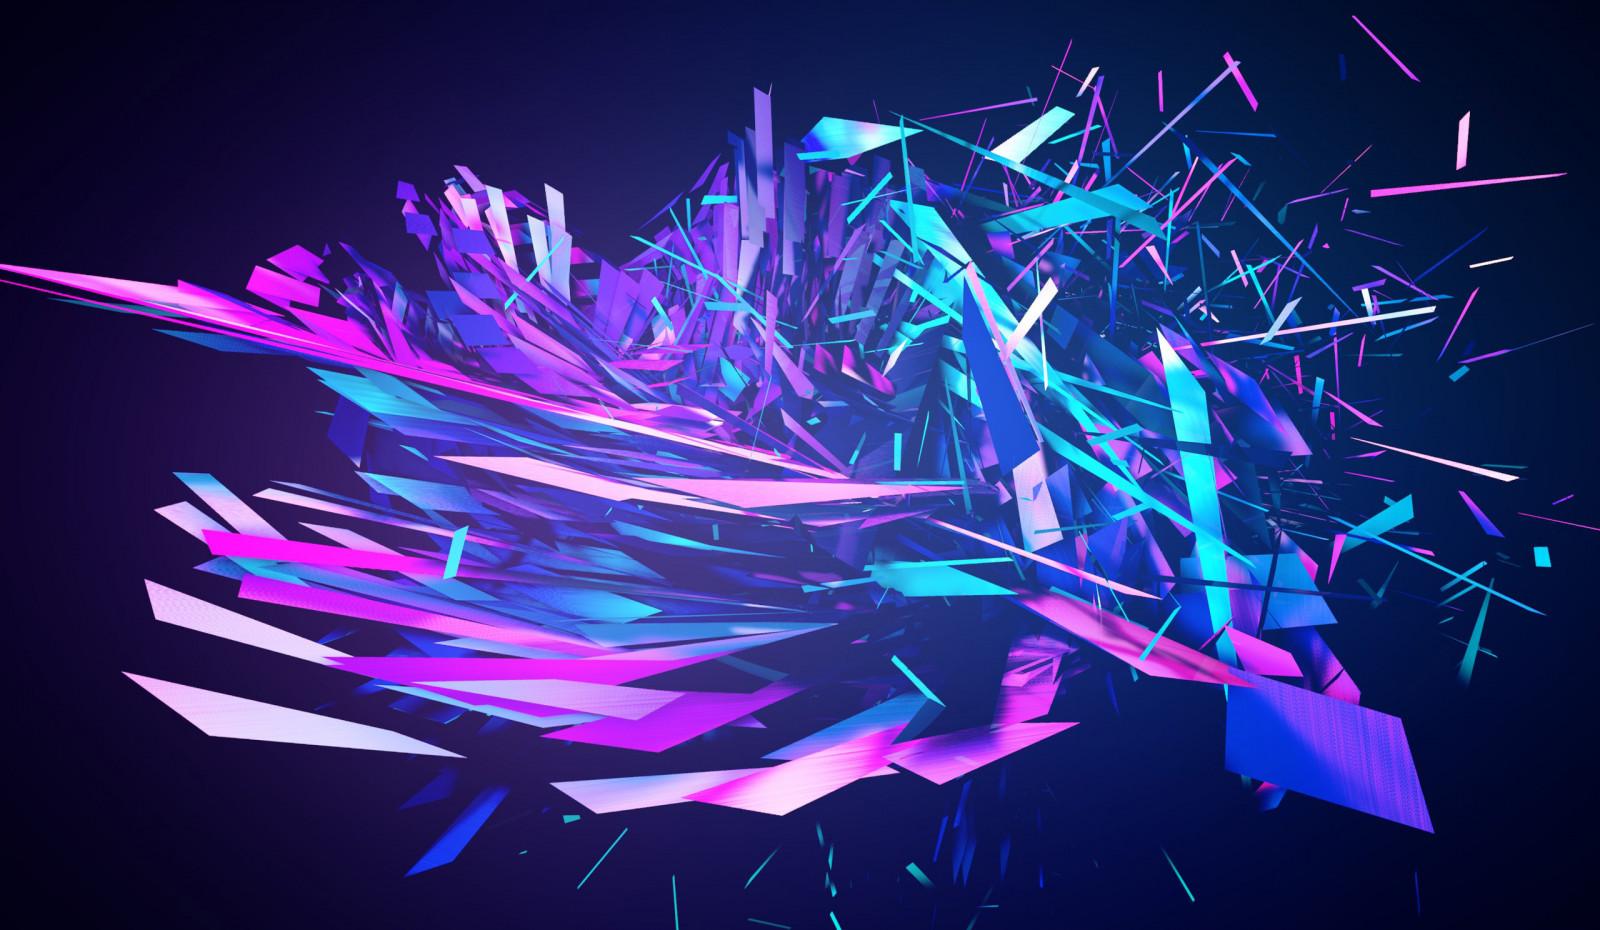 Fond dcran  illustration espace violet conception graphique Personnages de film ligne